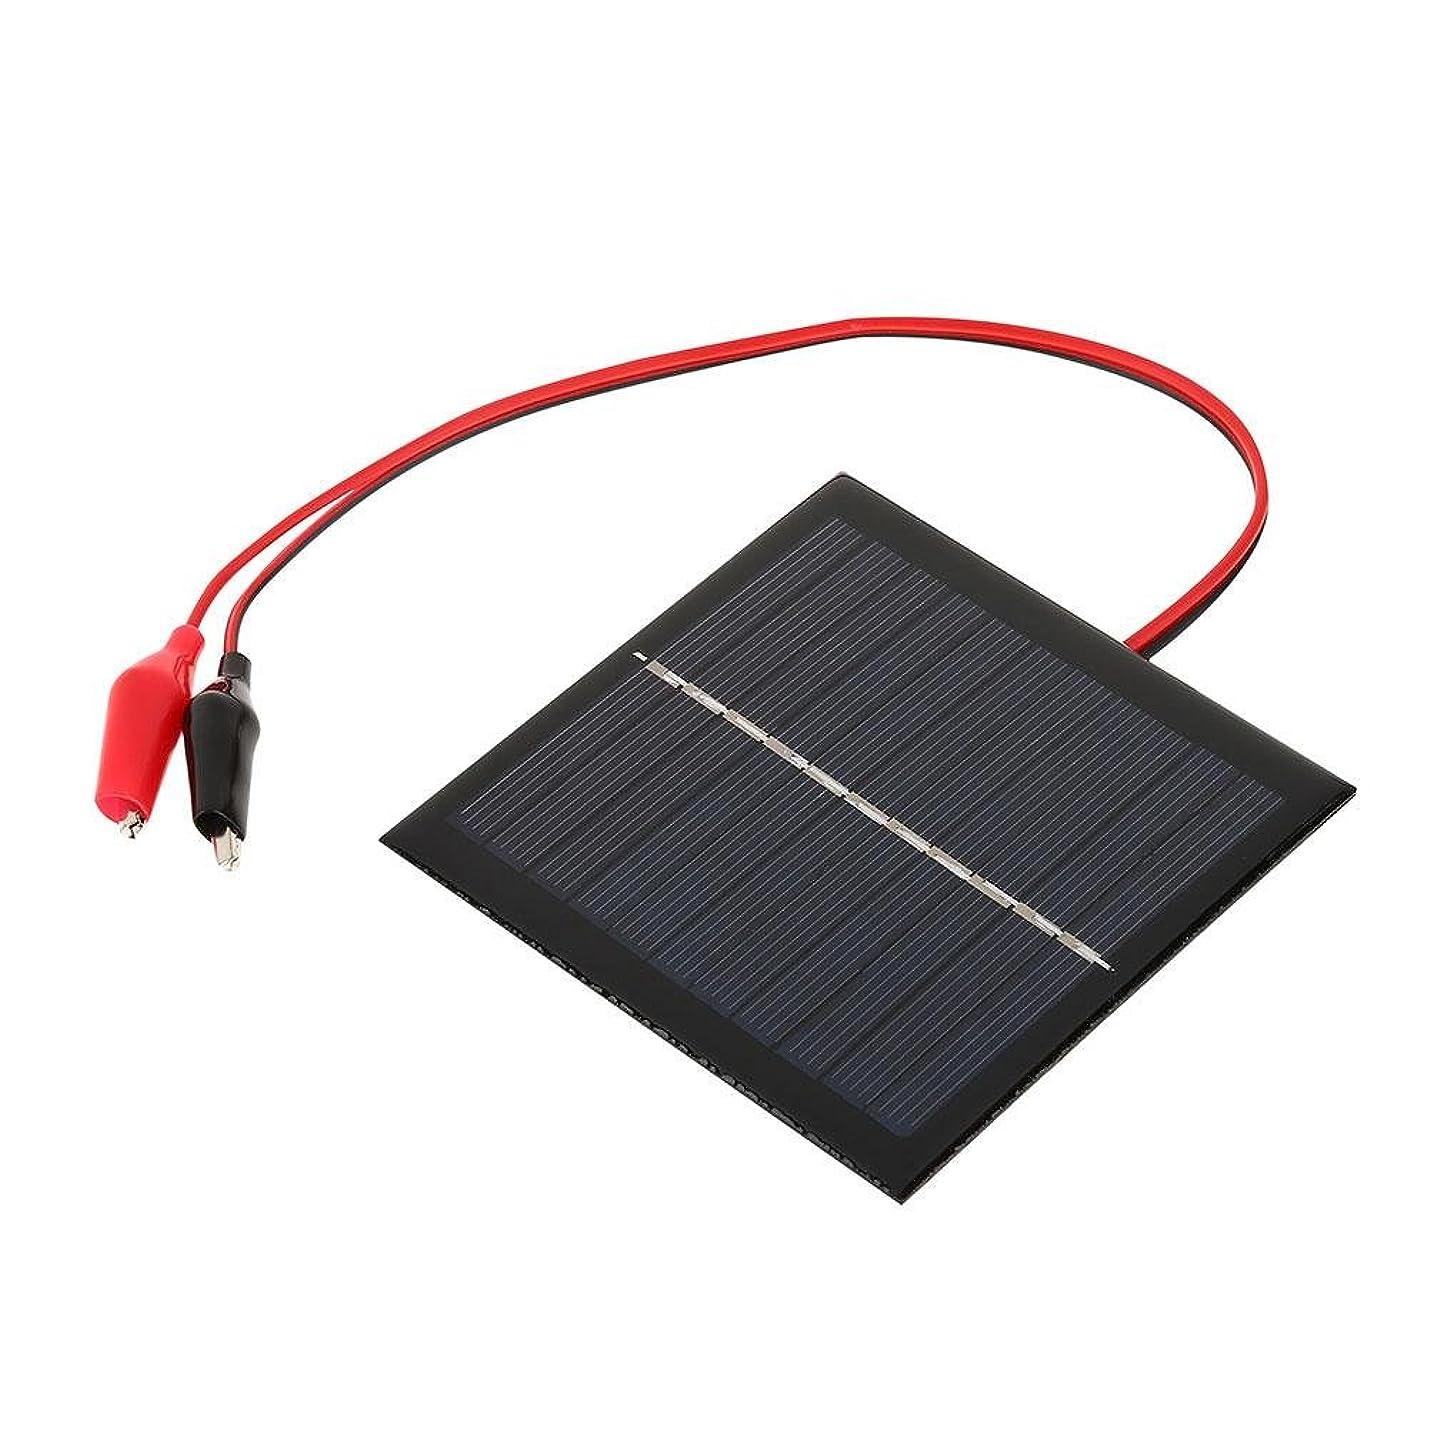 腸元気ハブソーラーパネル ソーラーチャージャー 太陽光パネル ポータブル 防水 軽量 高変換効率 省エネ 屋外用 クリップ付き シリコン